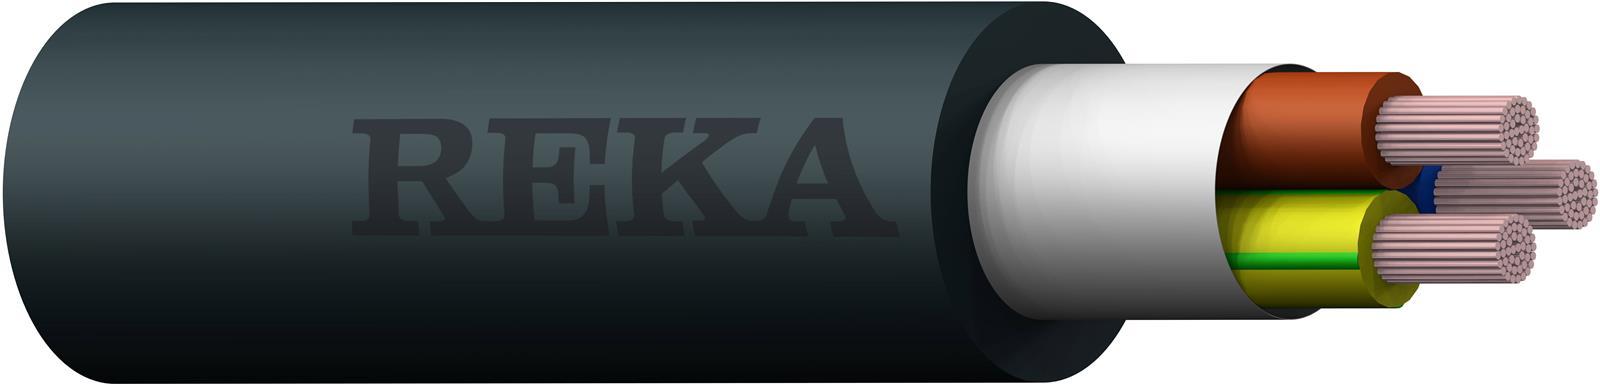 REKAFLEX 5G6 T500